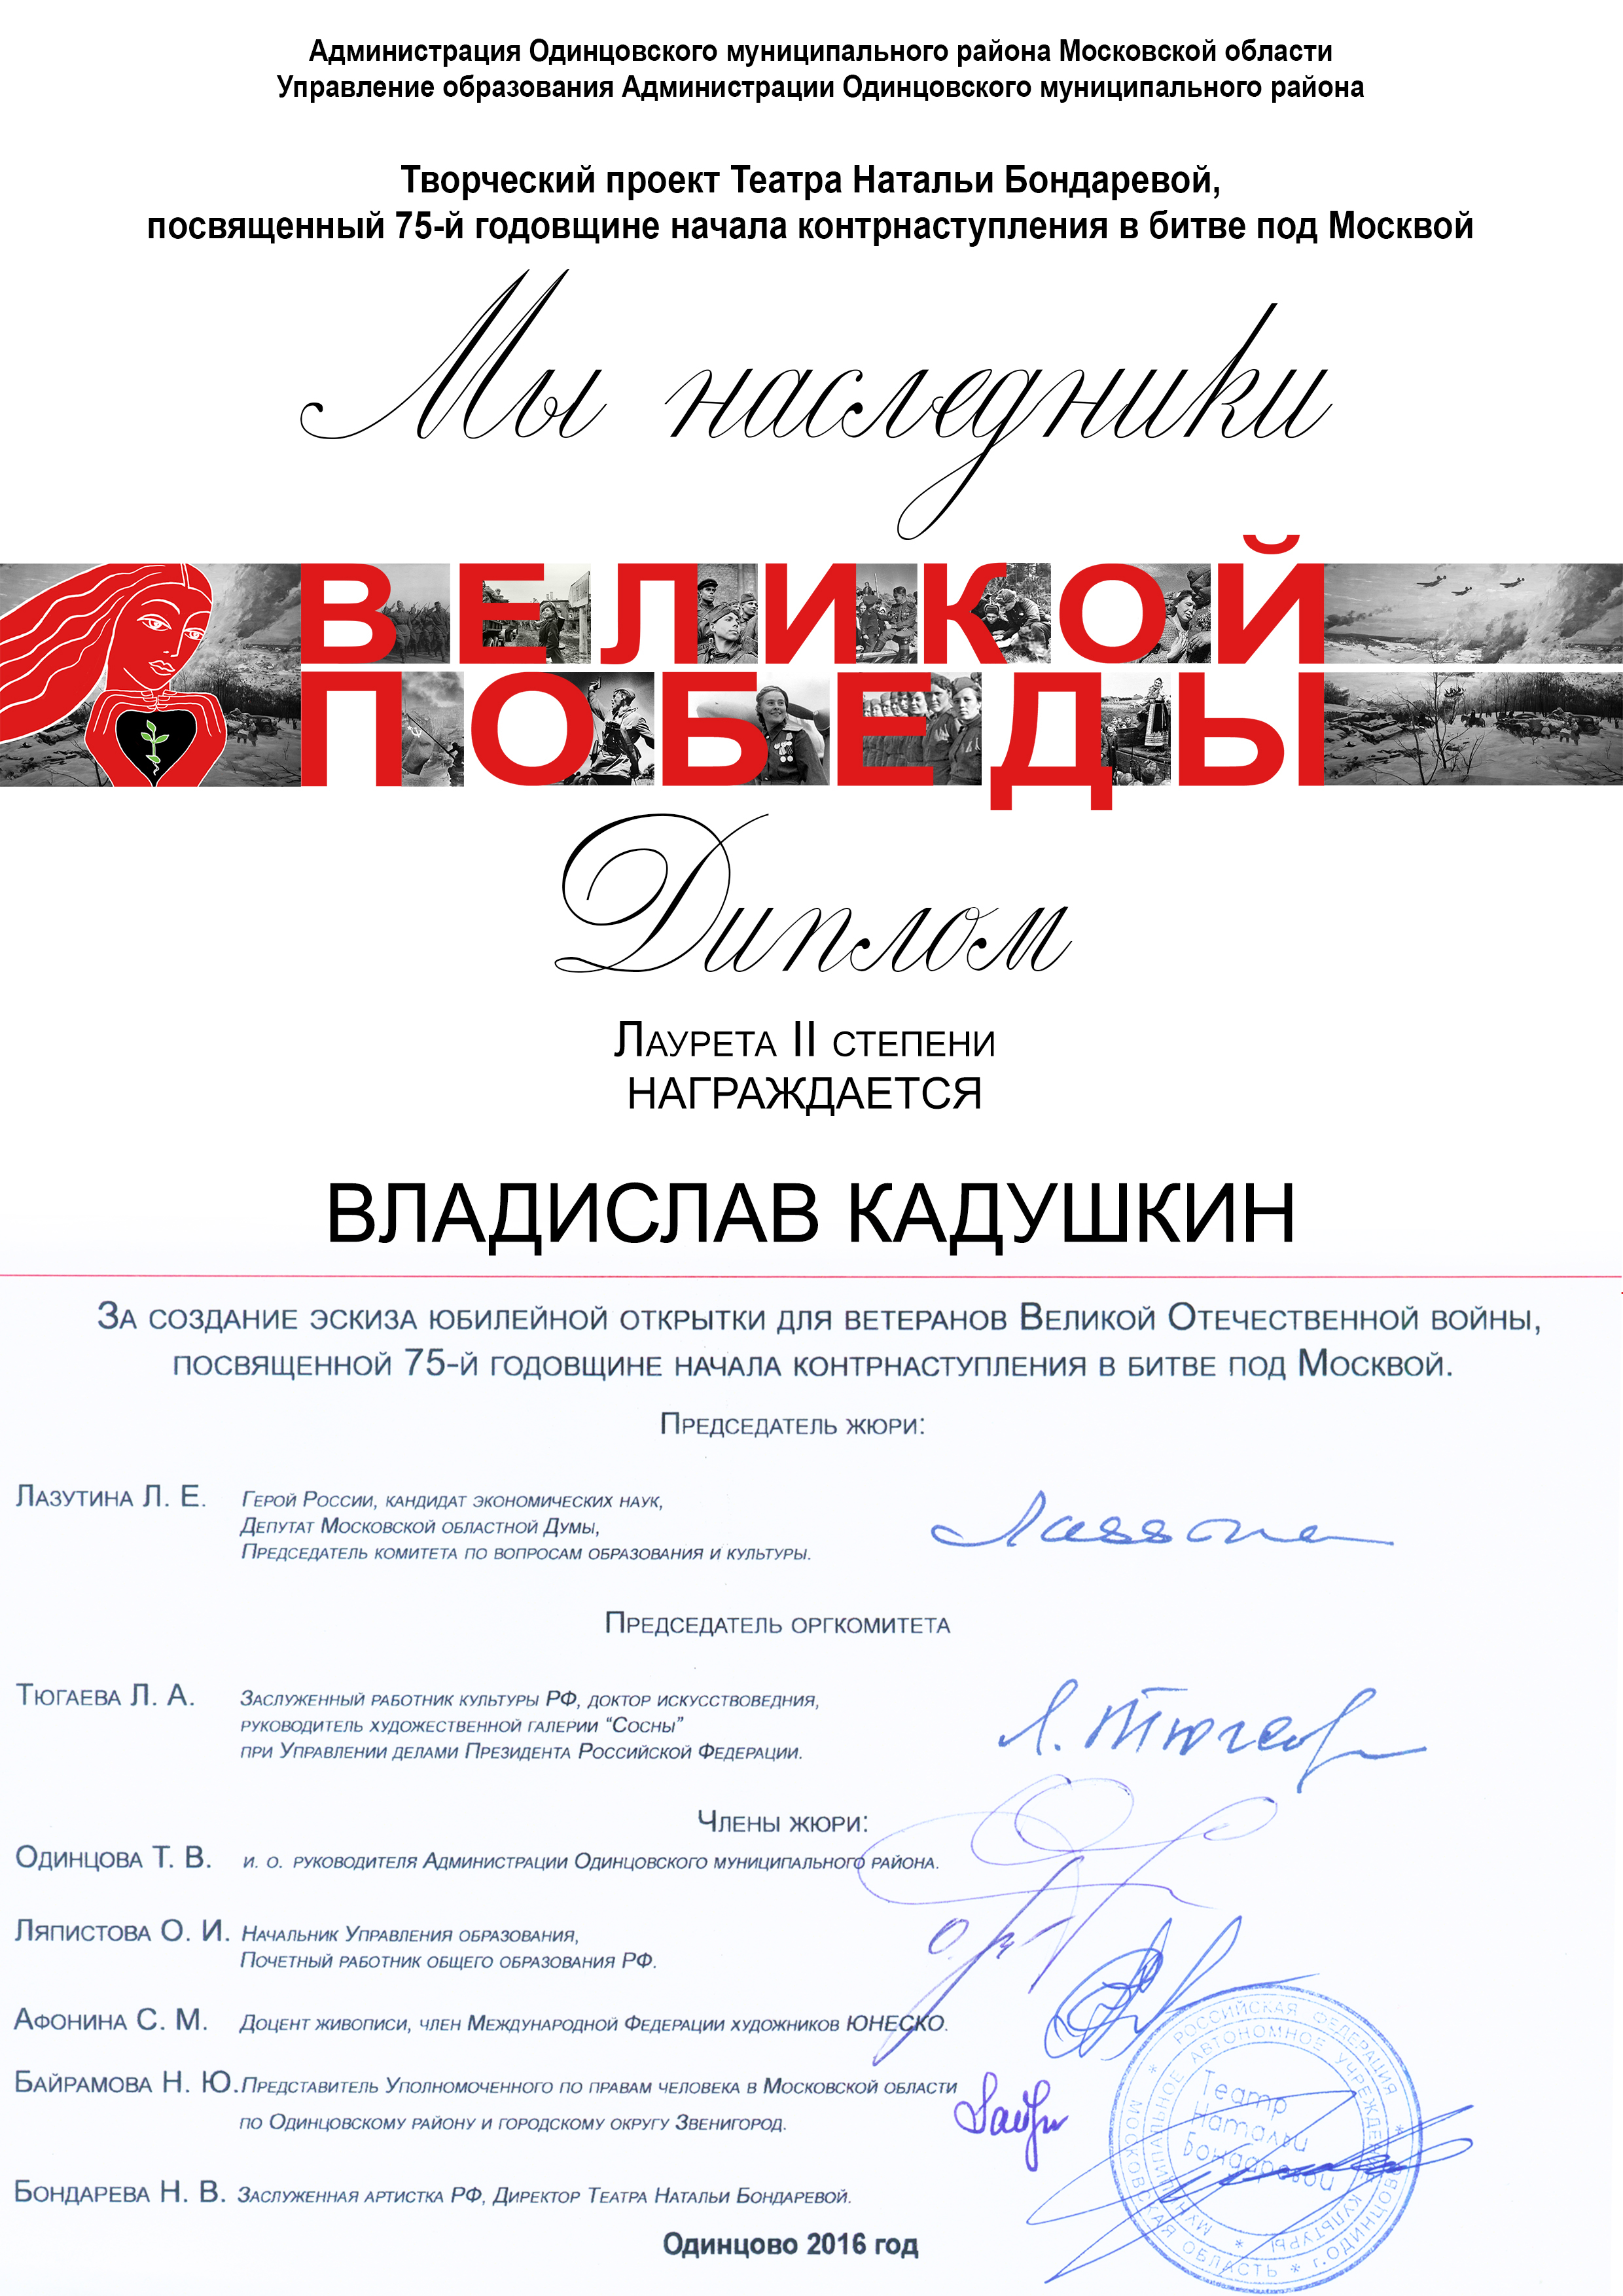 Владислав Кадушкин